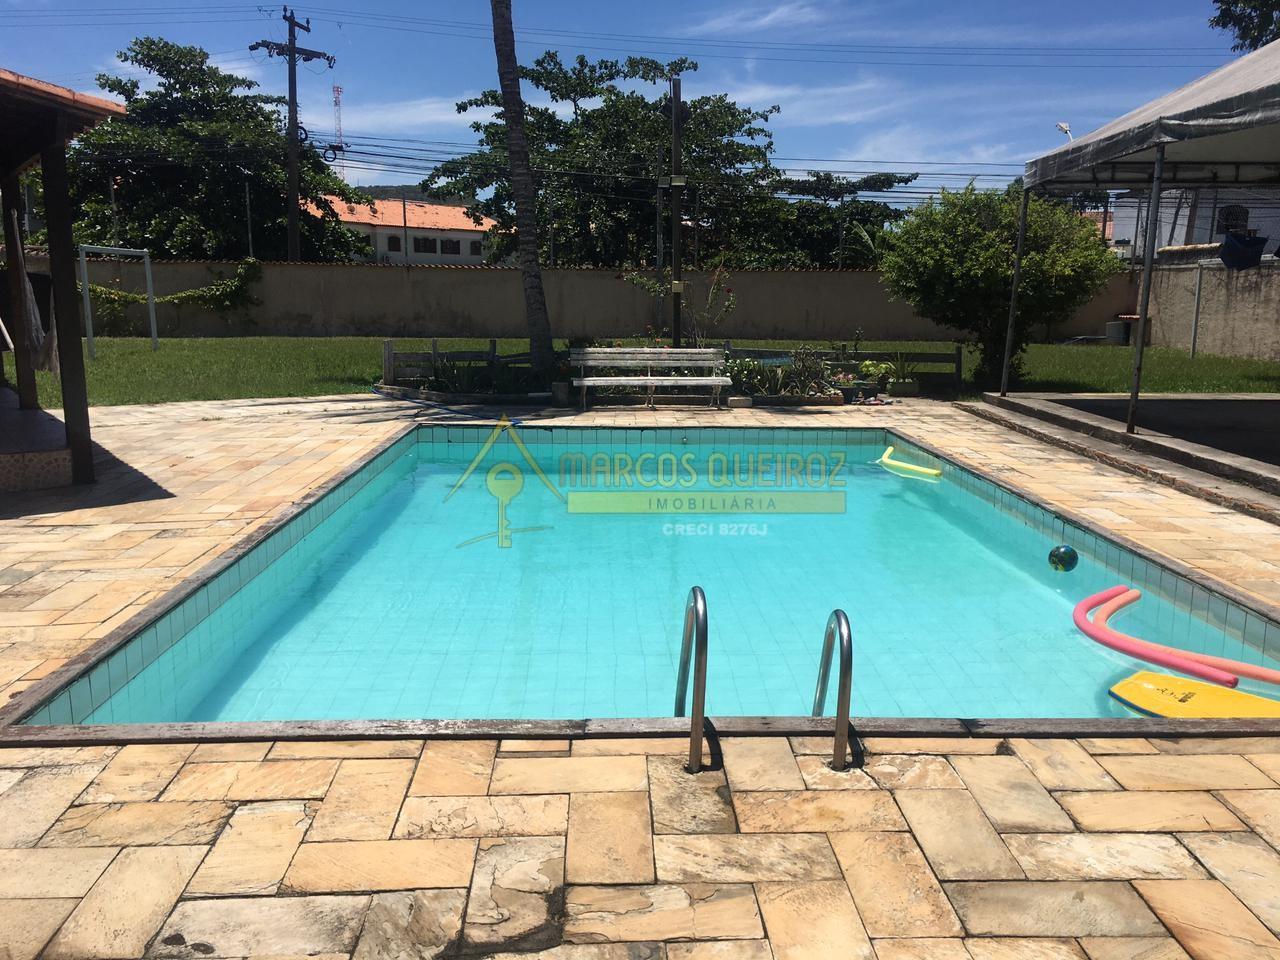 Cod: T109 Casa ampla independente com piscina, churrasqueira e campo de futebol – Carnaval  Peró